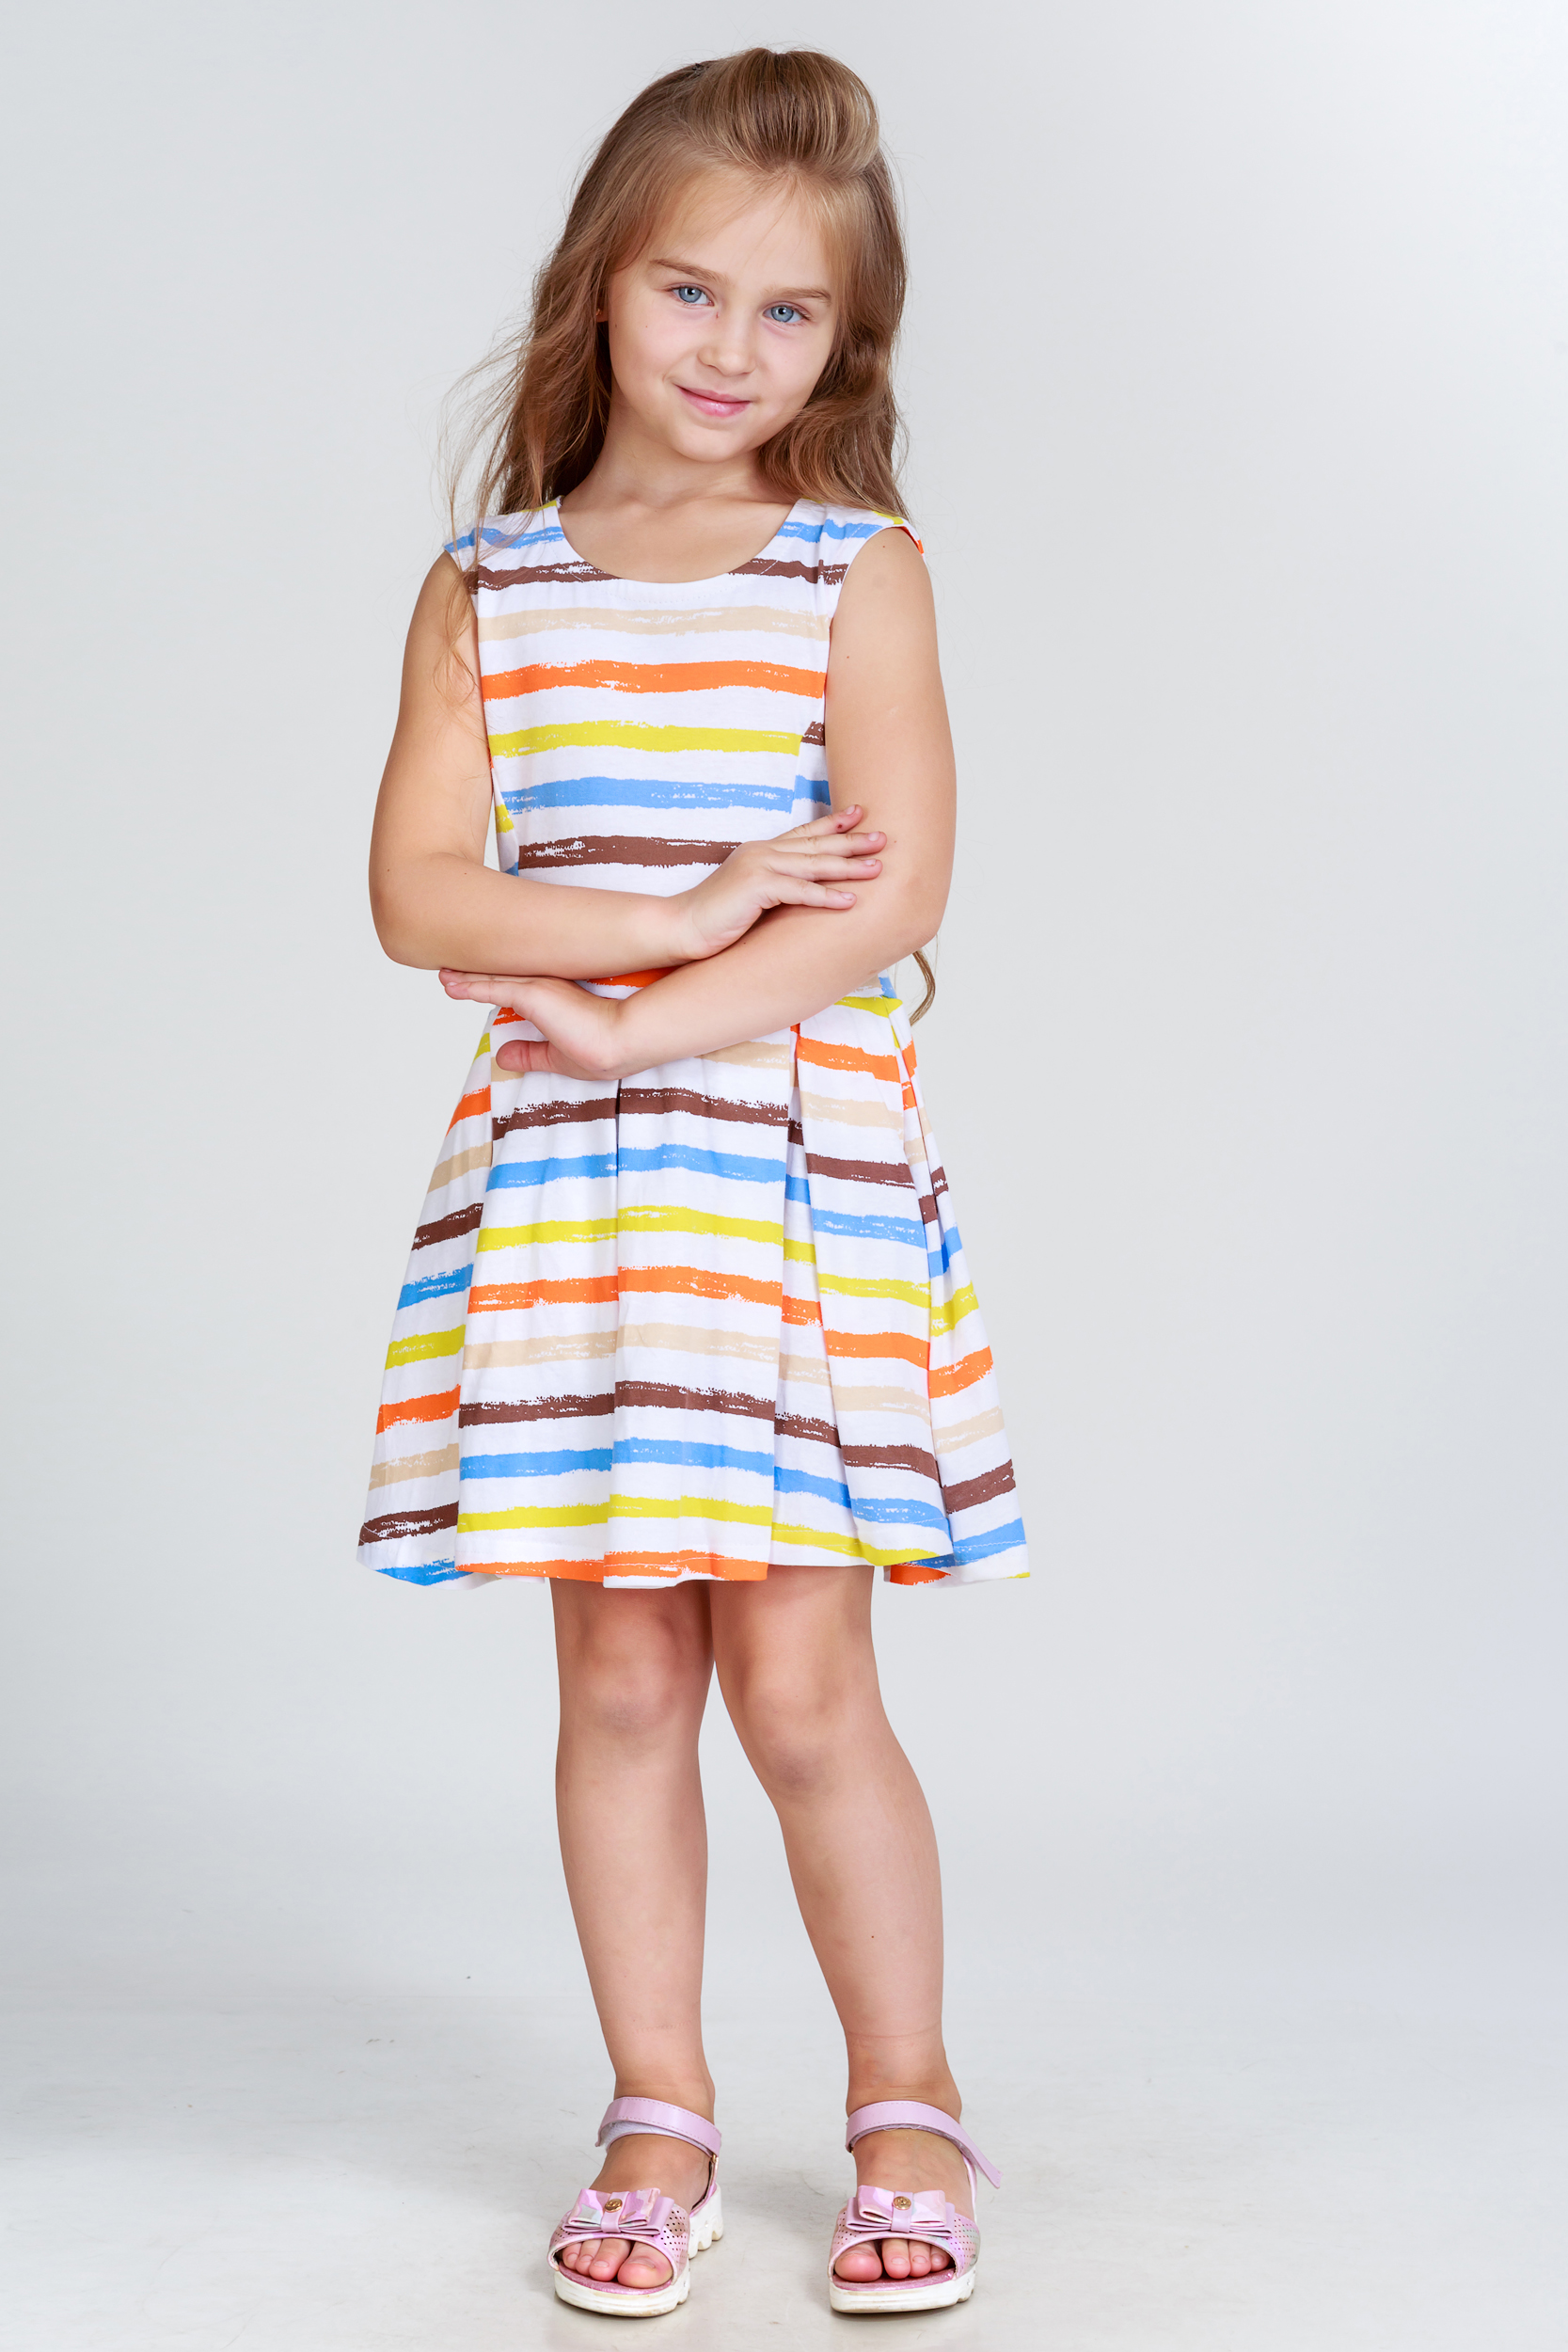 Детские туники, сарафаны Pastilla Платье Васильки (6-7 лет) купить часы мальчику 7 лет